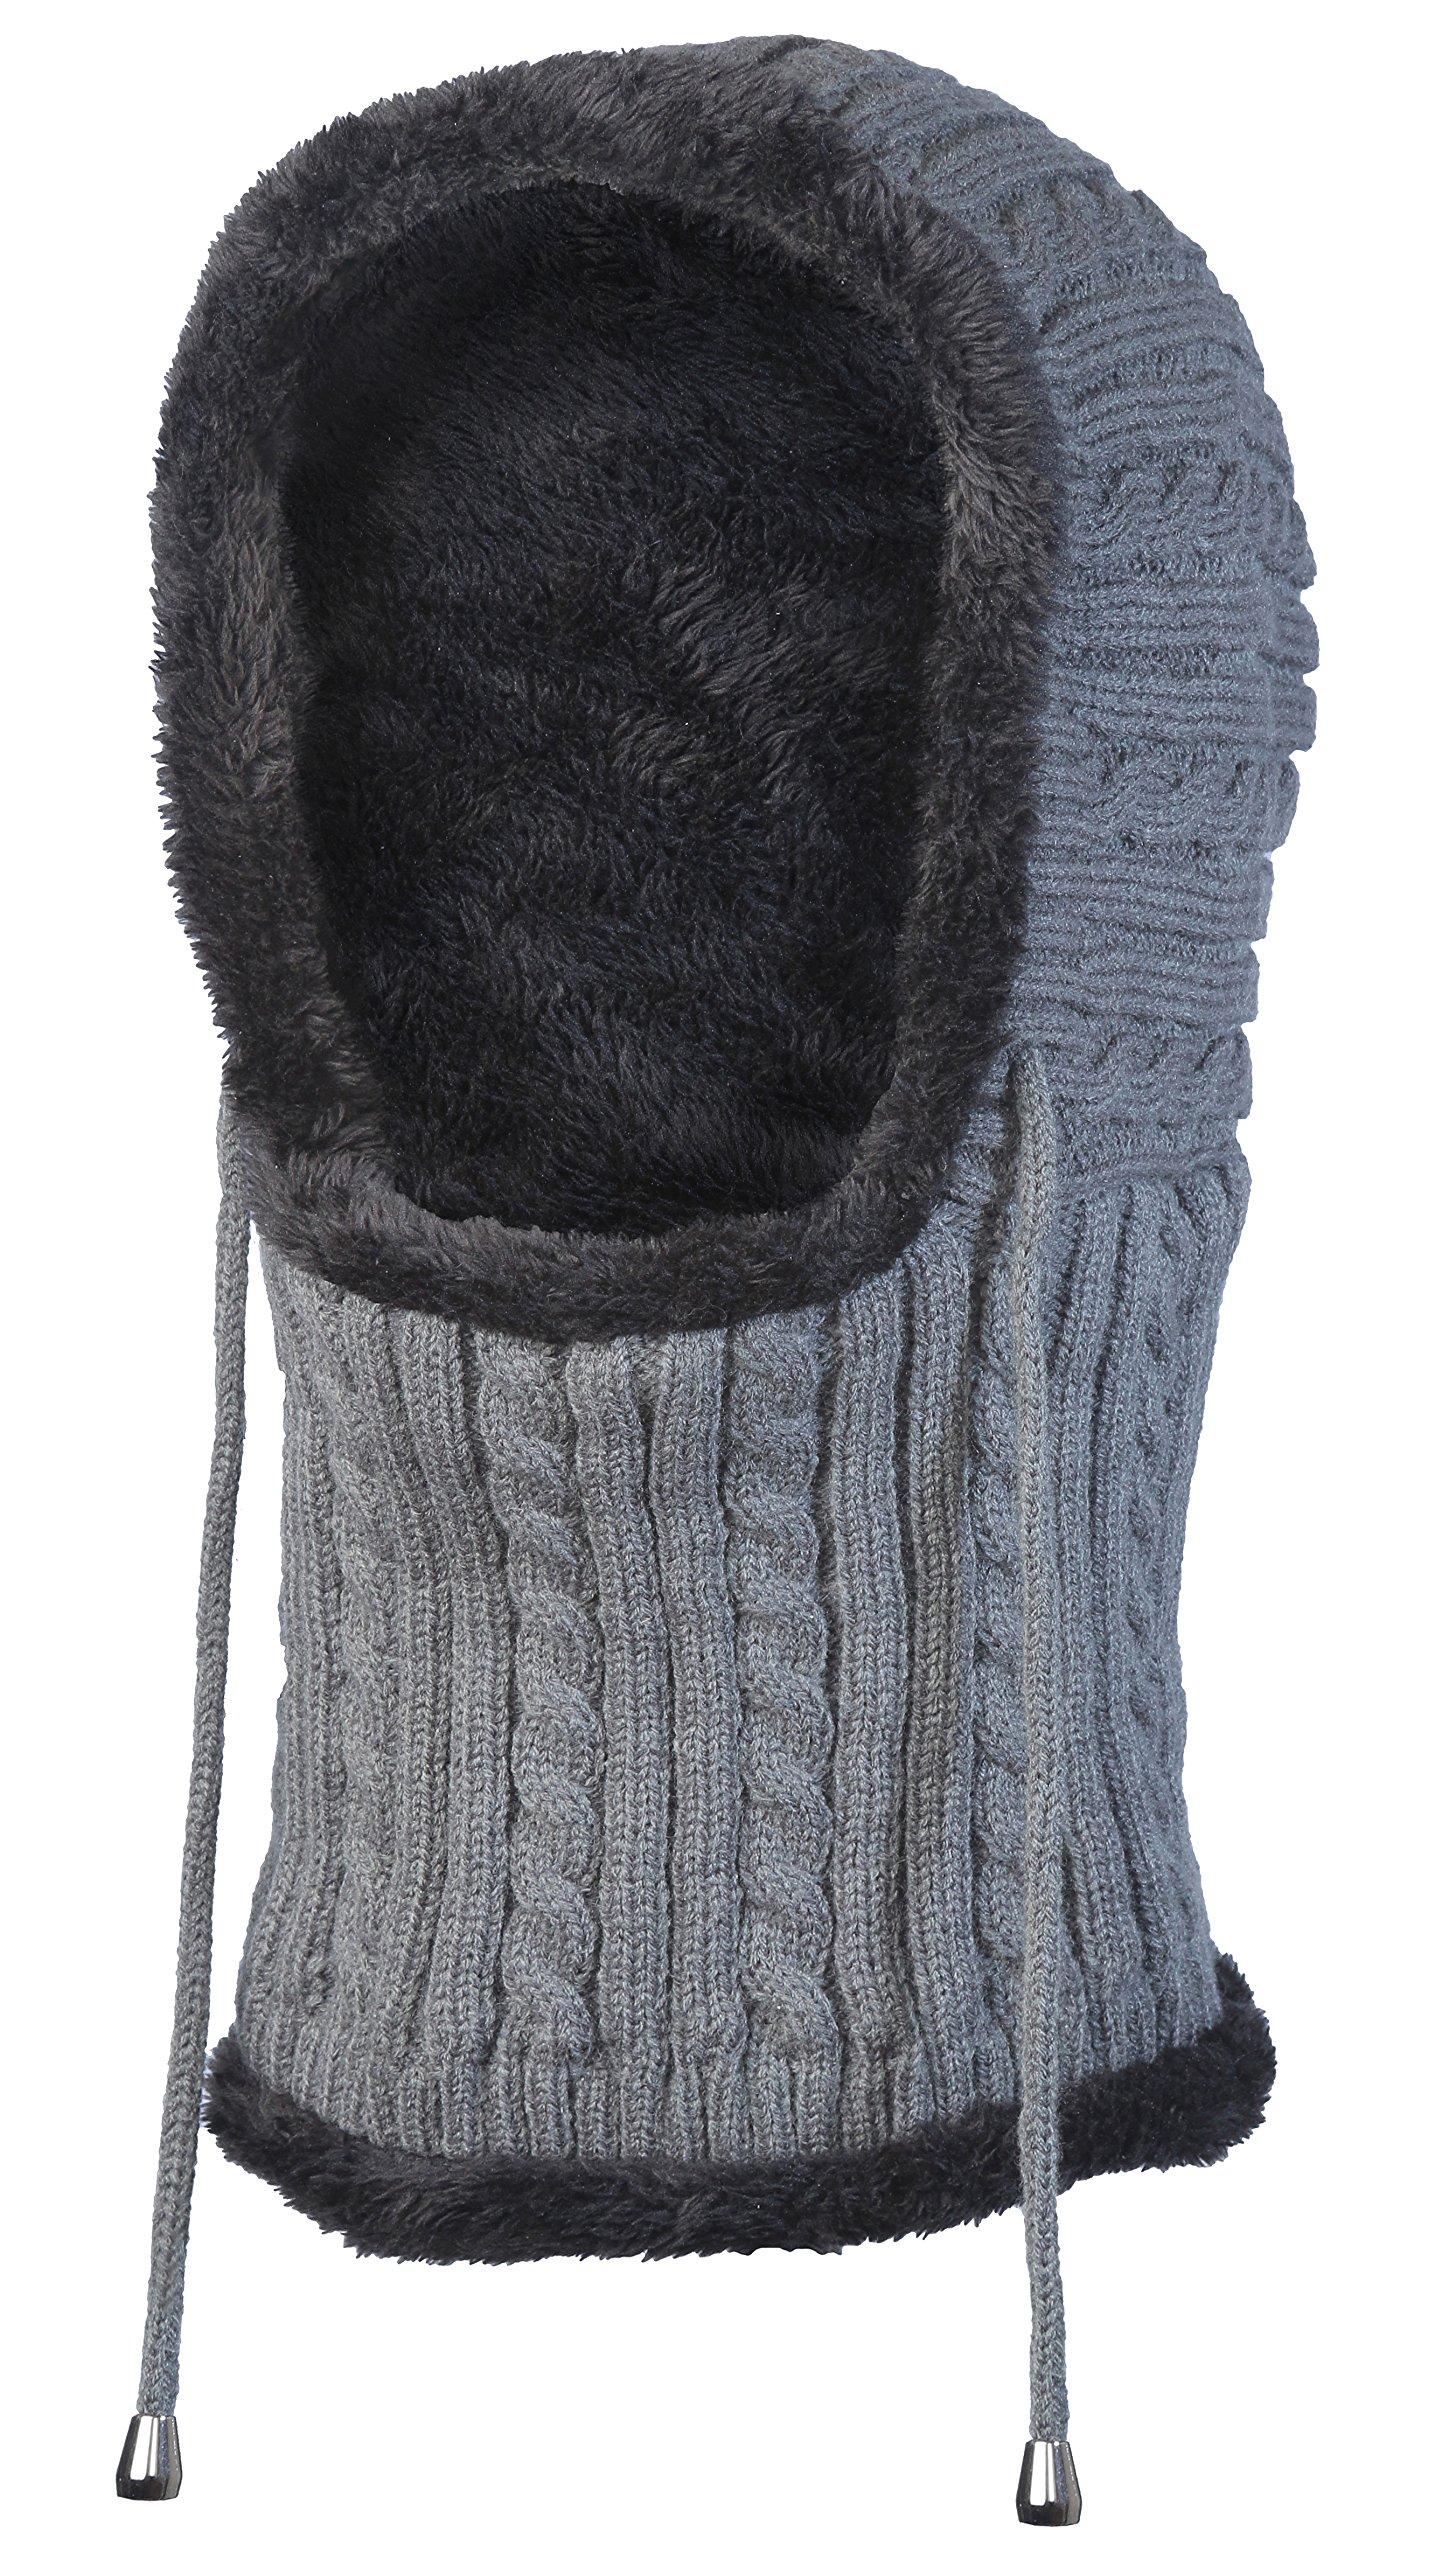 Bertelli Unisex Winter Knitting Warm Hat Cable Knit, Ski Mask, Balaclava, HS01-GRY